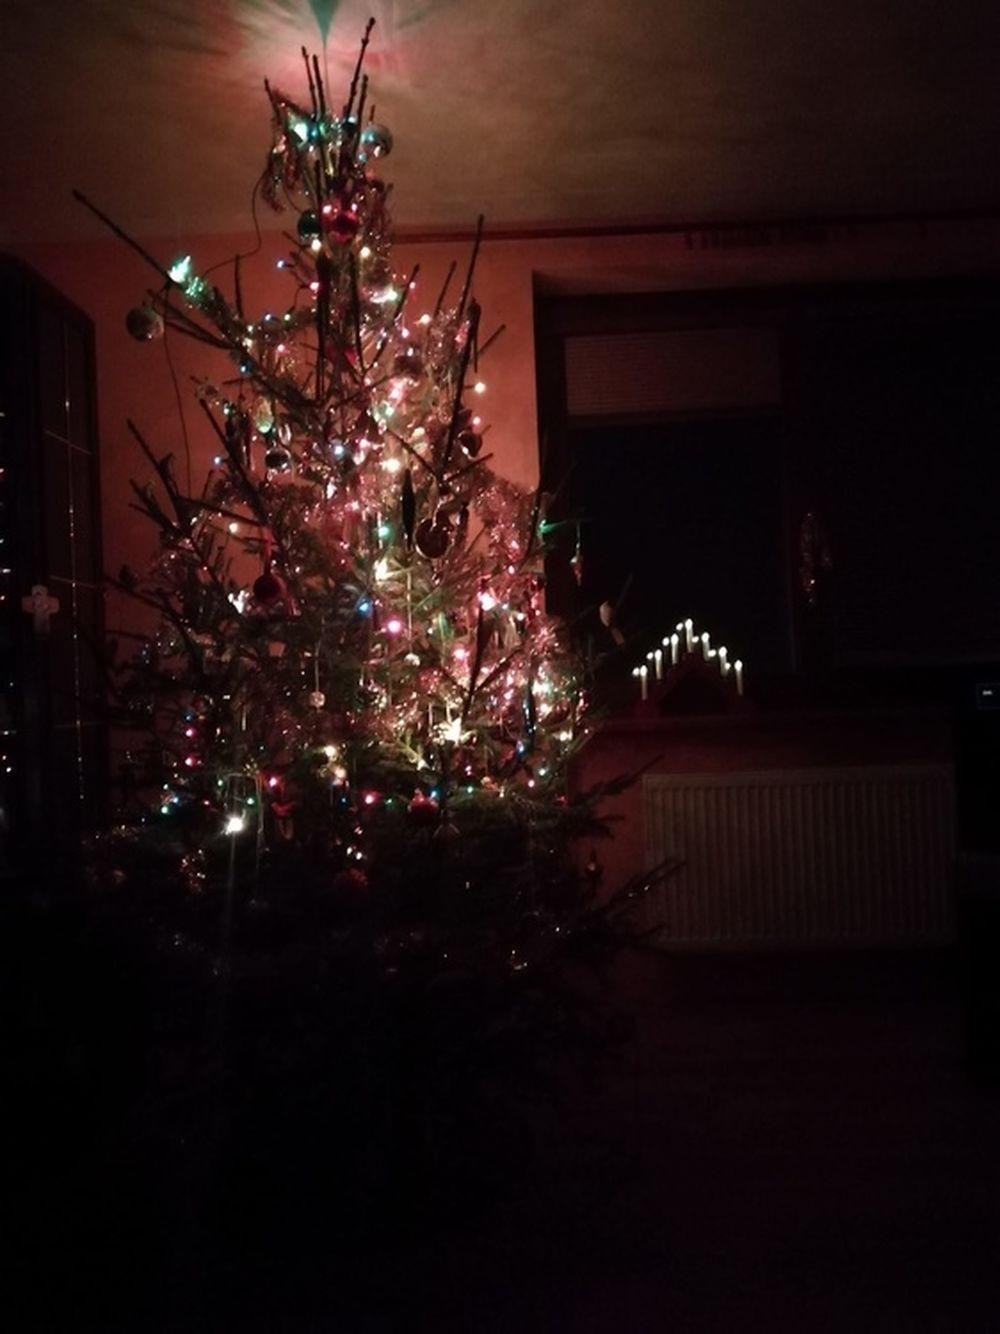 FOTO: Vianočné stromčeky v Žiline - výber fotografií našich čitateľov, foto 70